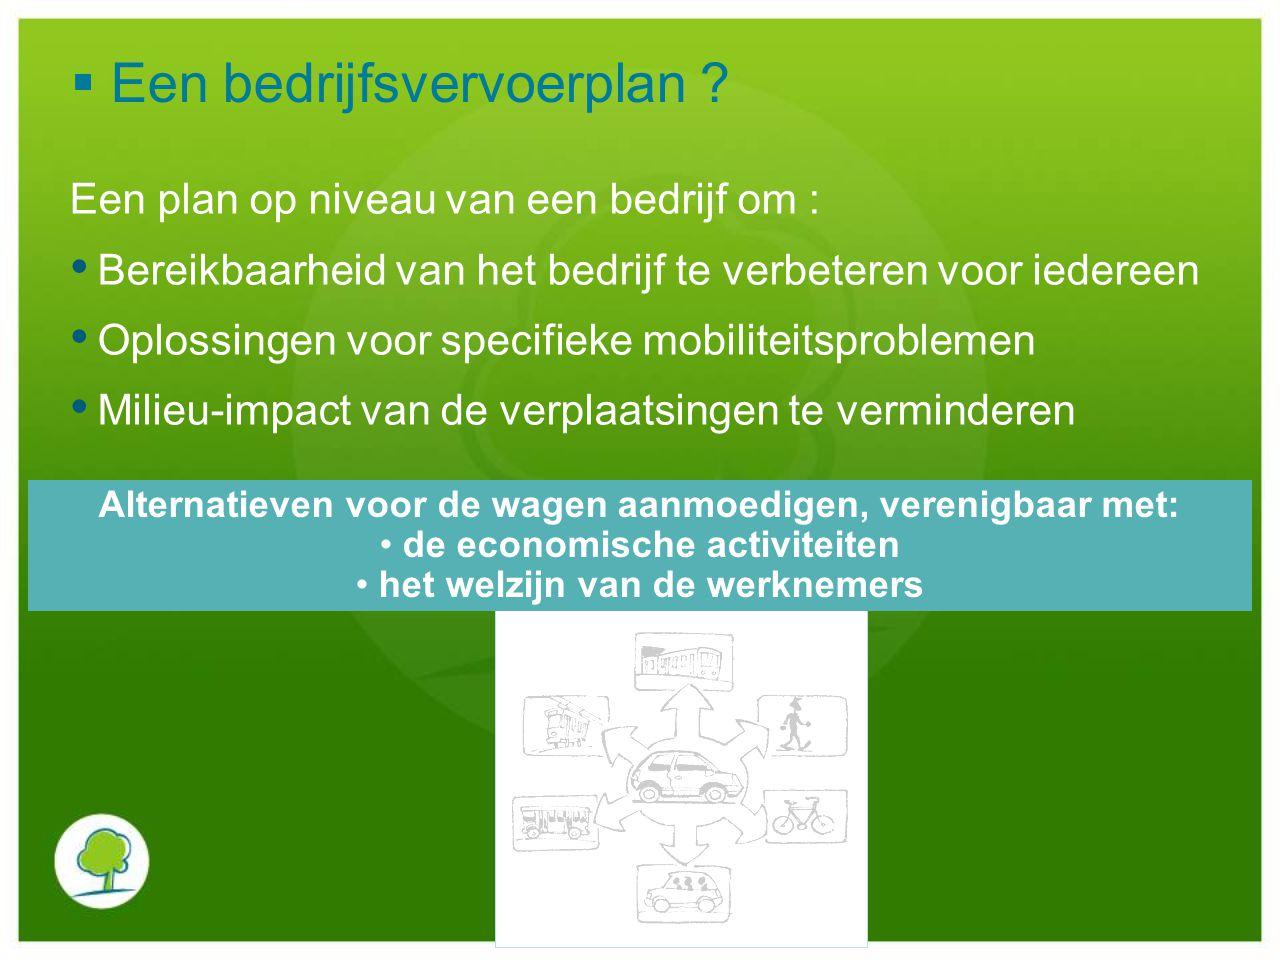 Alternatieven voor de wagen aanmoedigen, verenigbaar met: de economische activiteiten het welzijn van de werknemers Een plan op niveau van een bedrijf